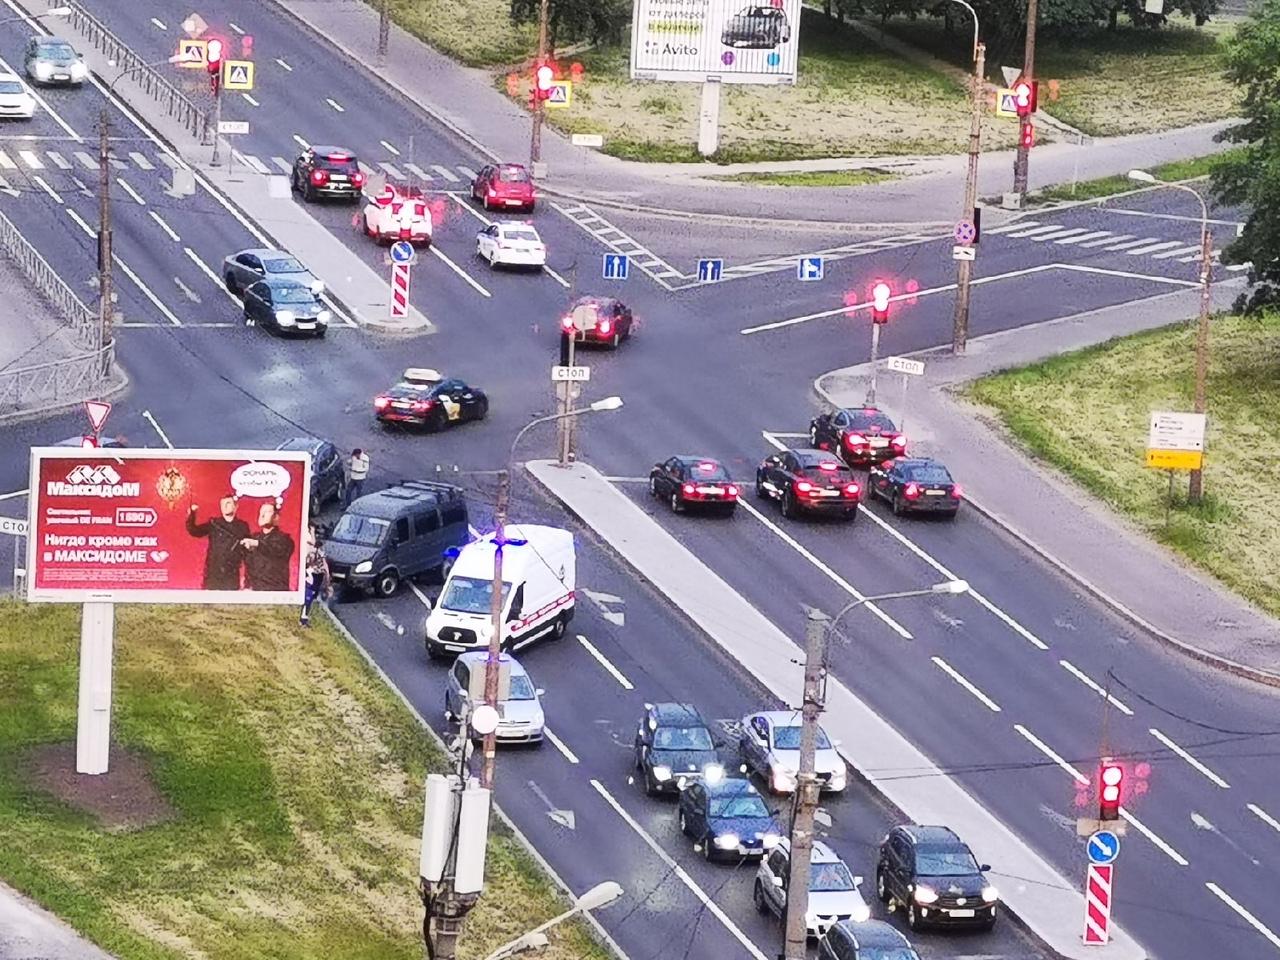 На перекрёстке Краснопутиловской и Варшавской - авария из трёх машин. Скорая приехала быстро.